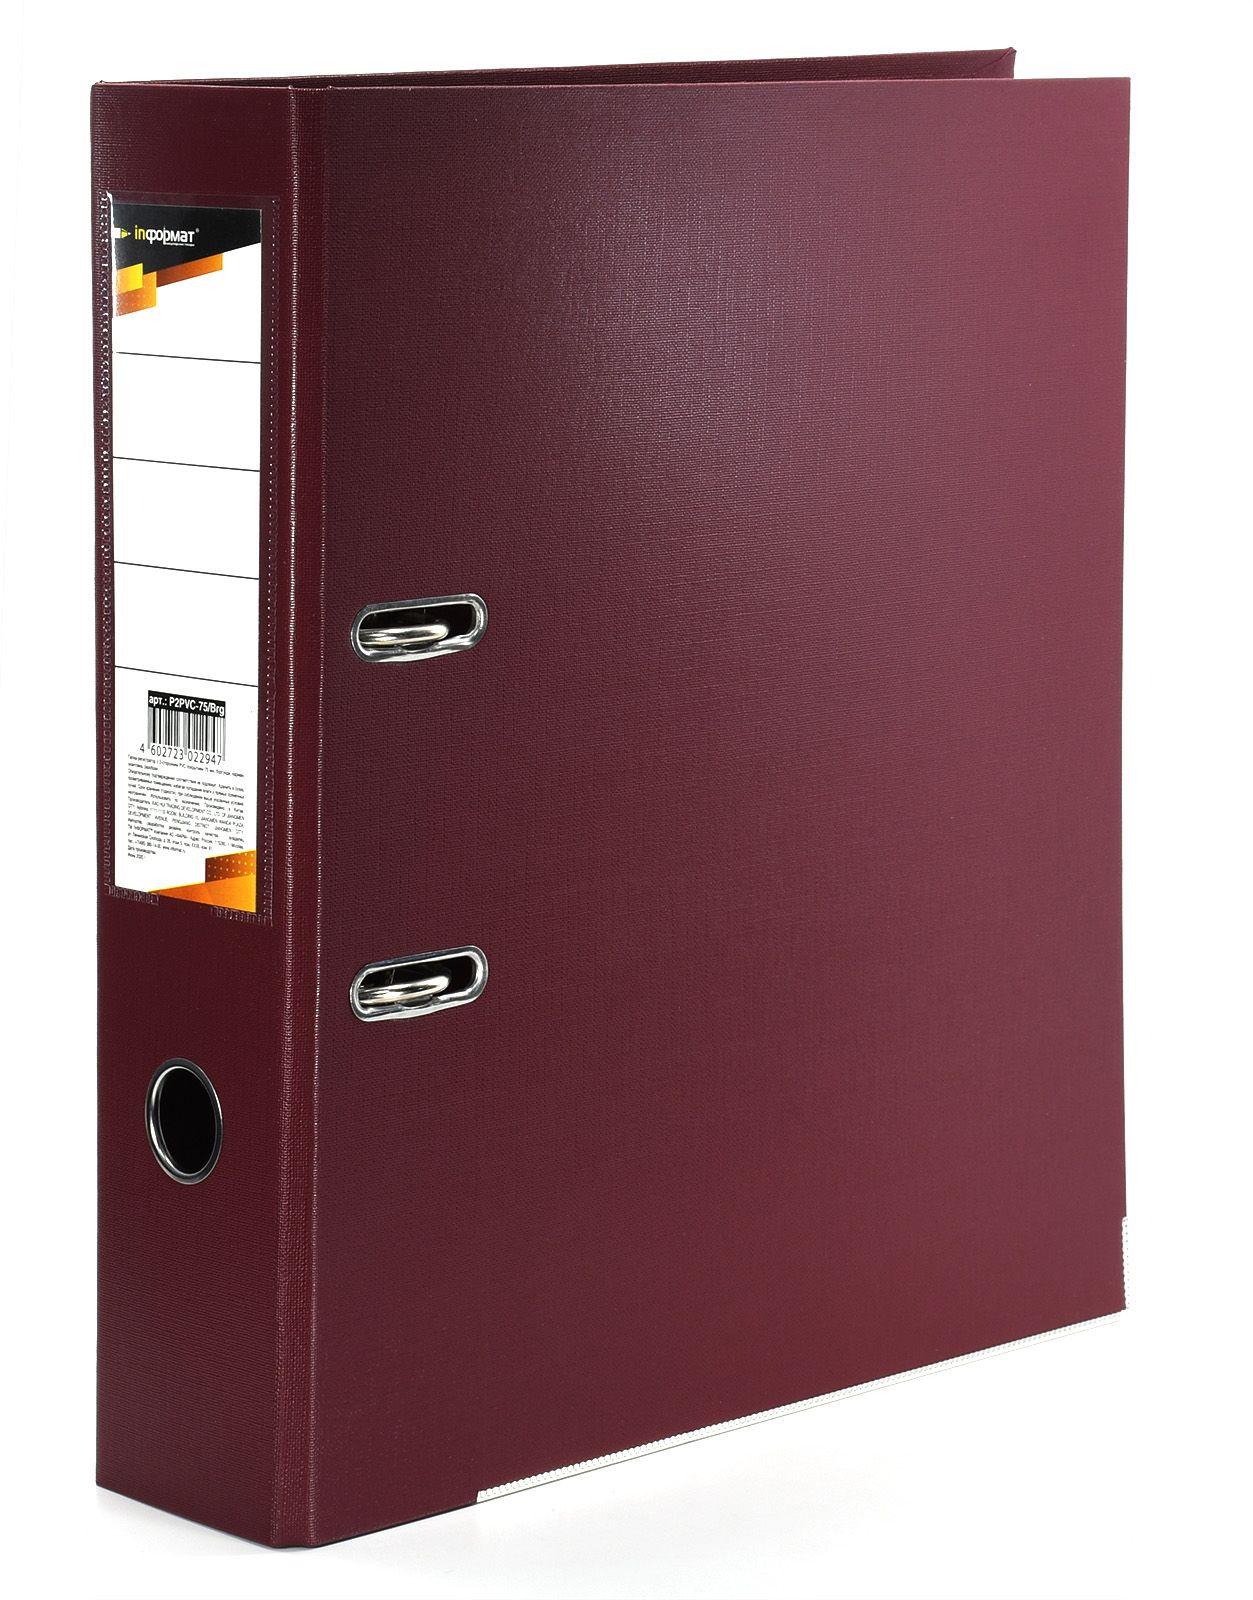 Папка-регистратор INFORMAT 75 мм двухстороннее покрытие PVC, бургунди